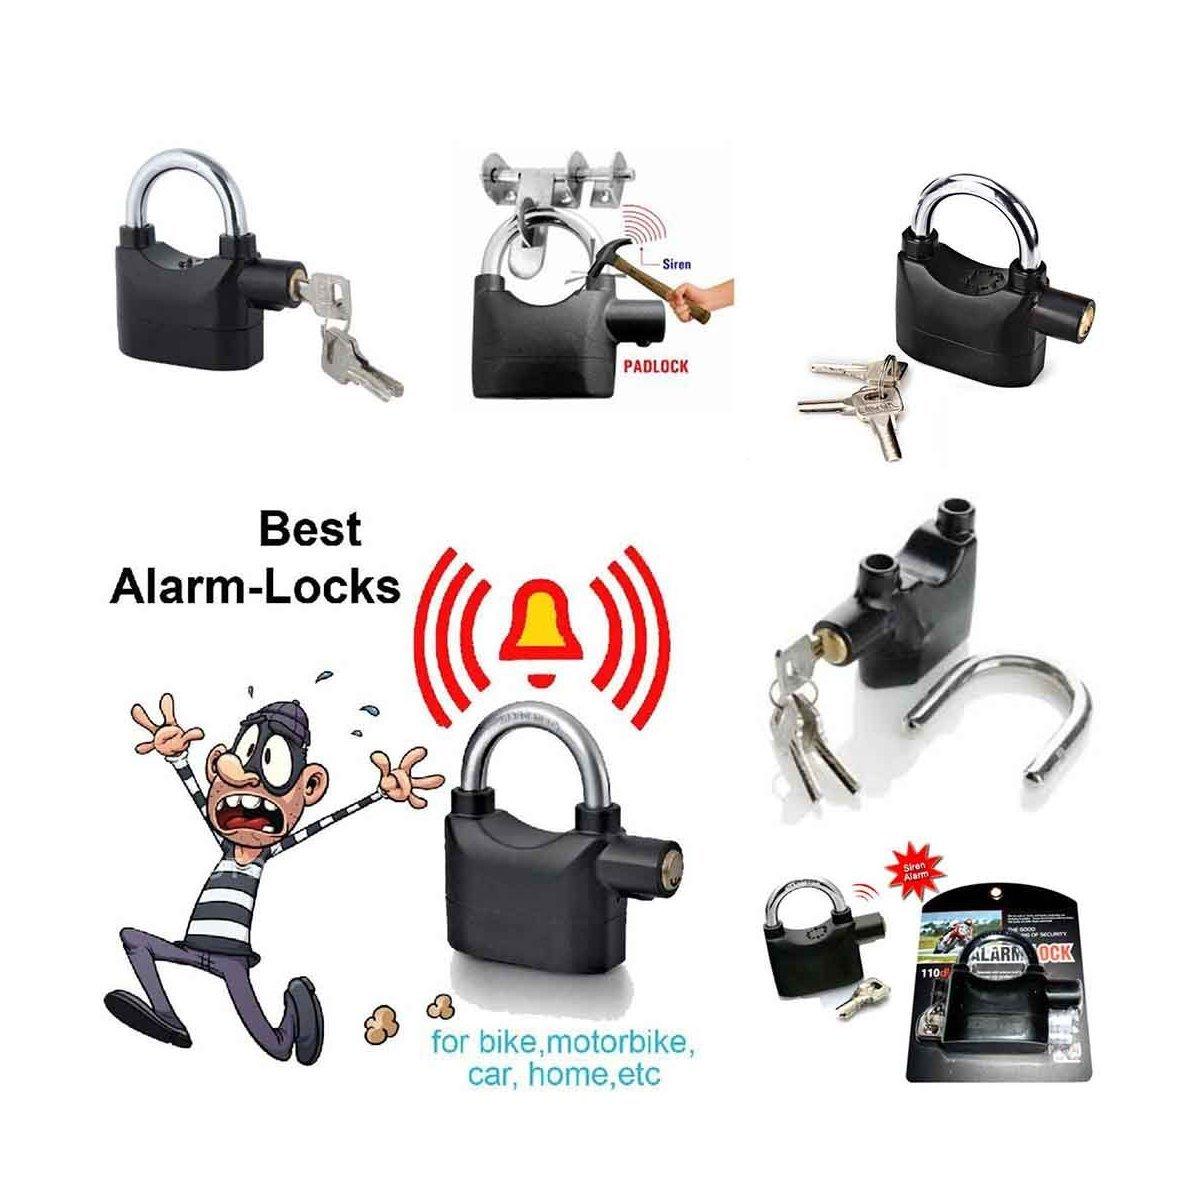 Anti Theft Security Pad Lock with Smart Alarm - Unnati Enterprises